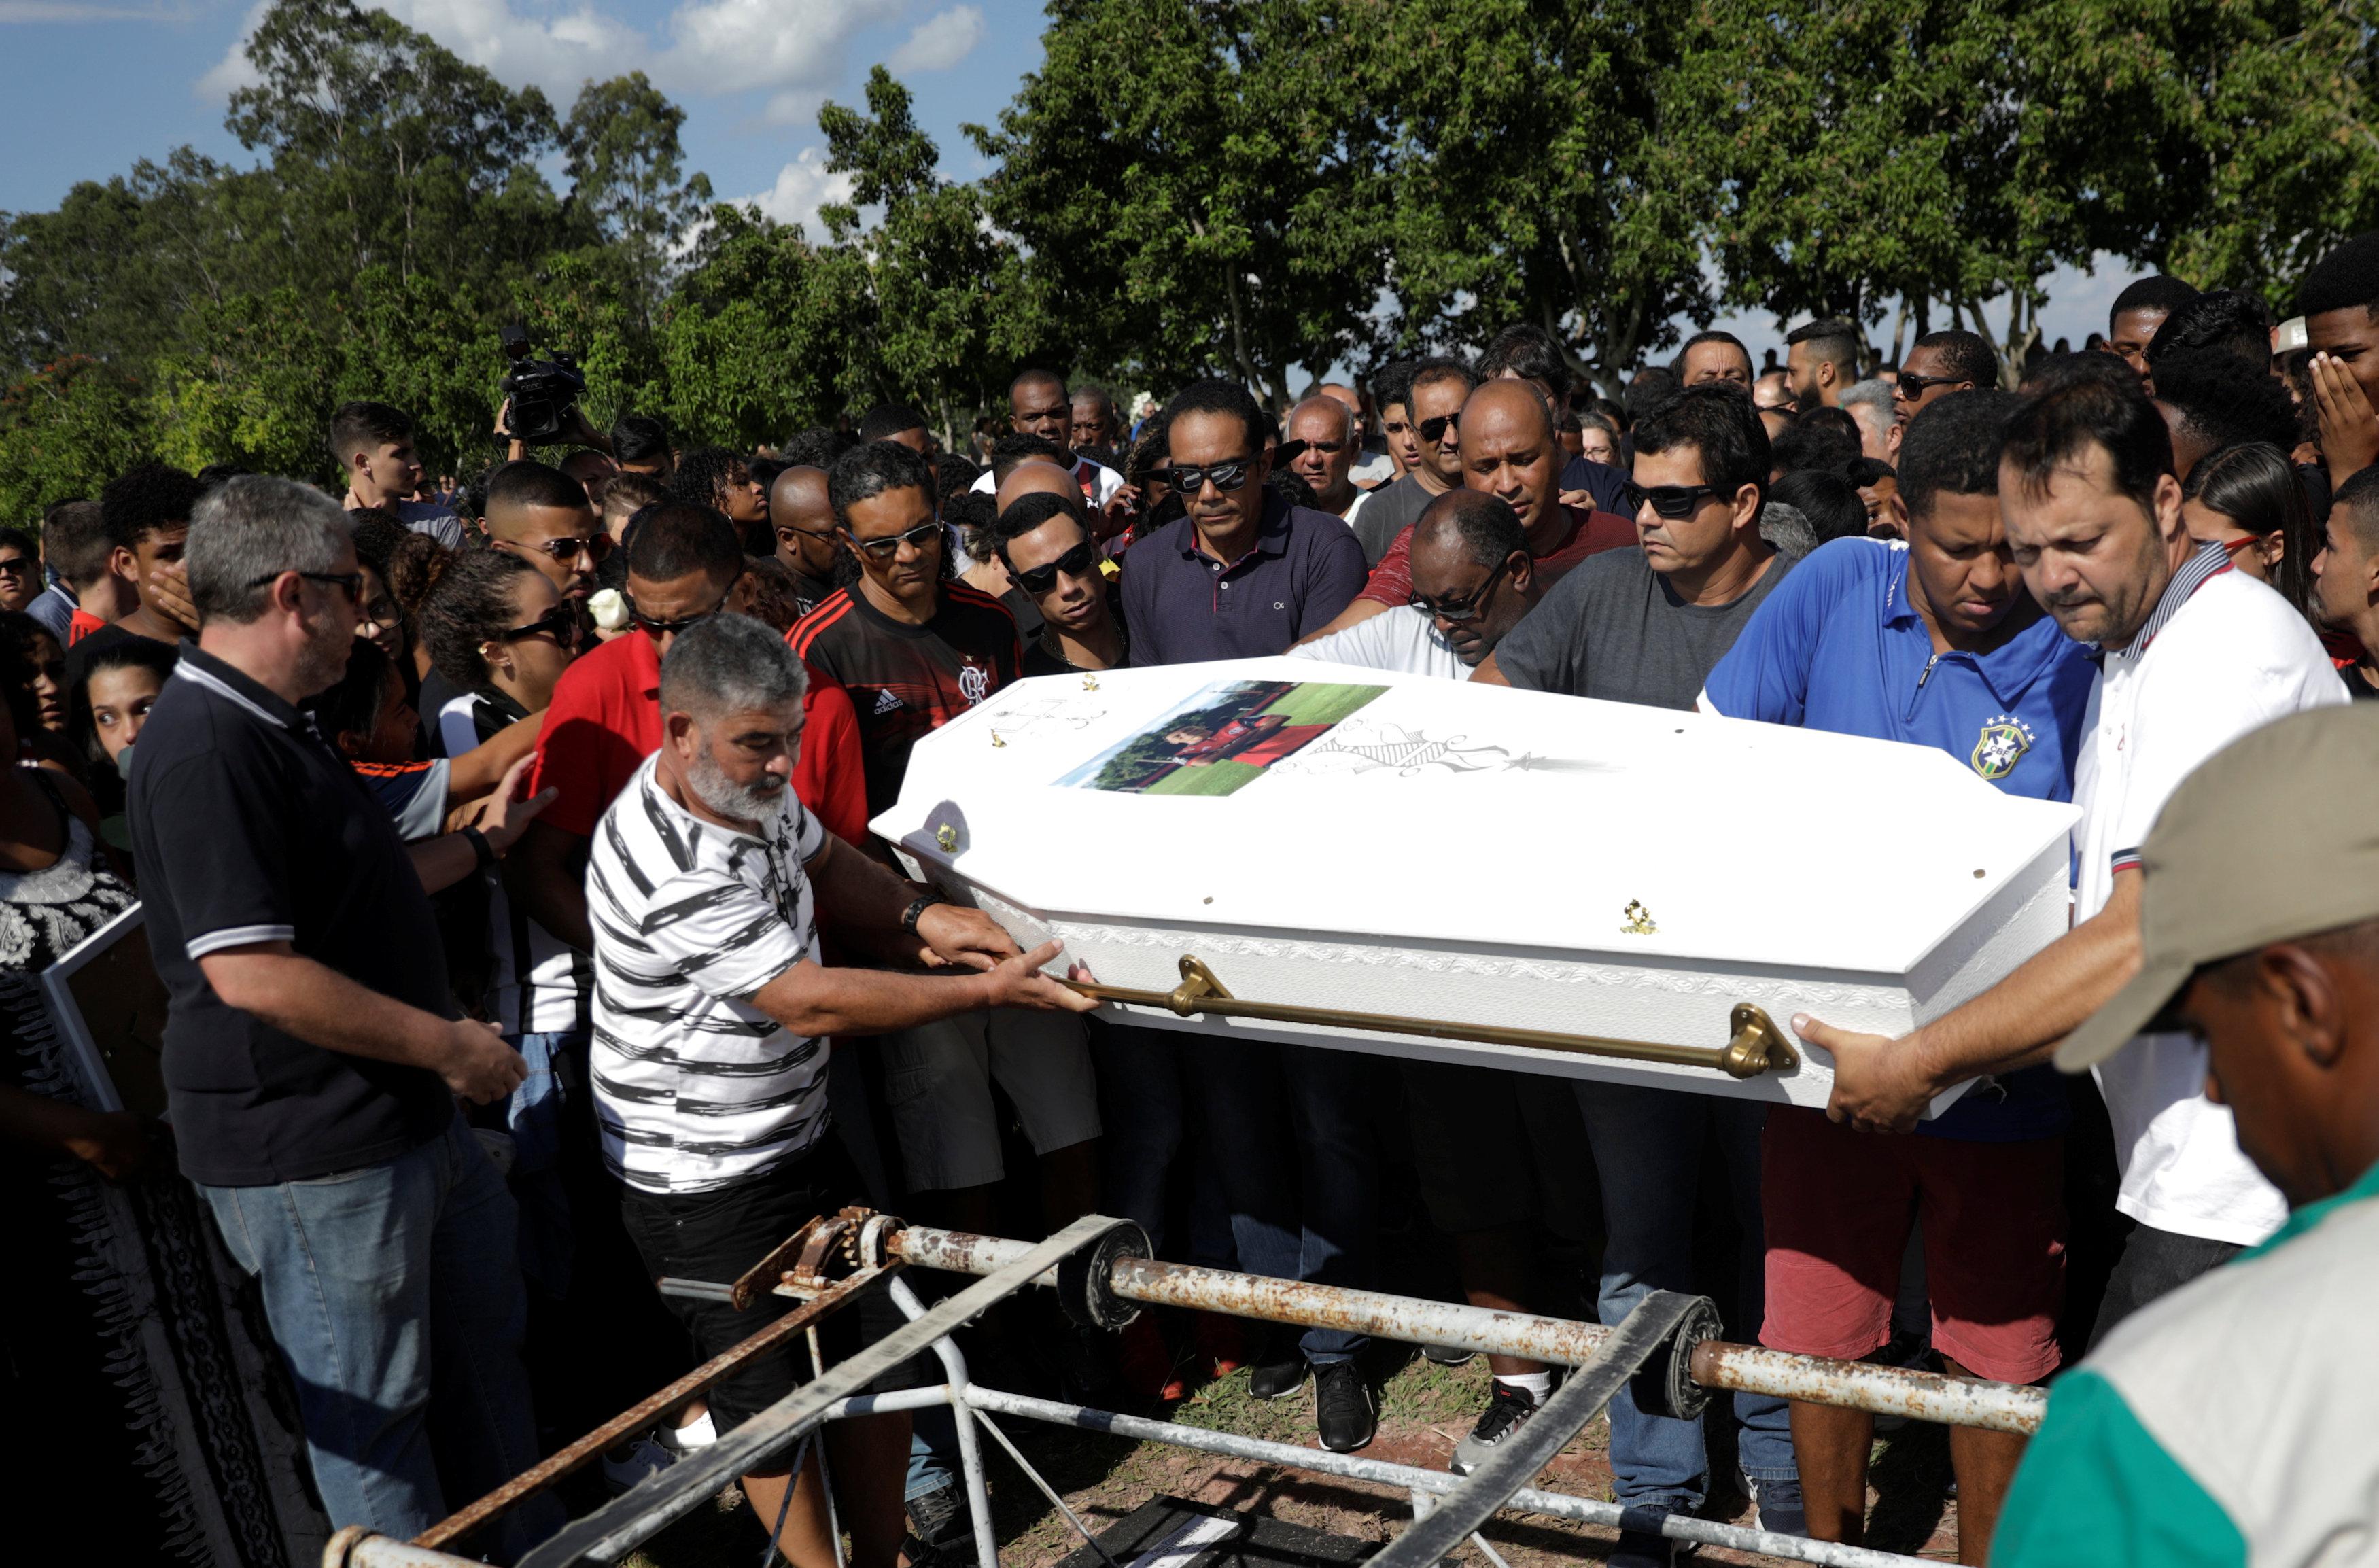 تشييع جثامين قتلى حريق مركز تدريب نادى فلامنجو البرازيلى (9)